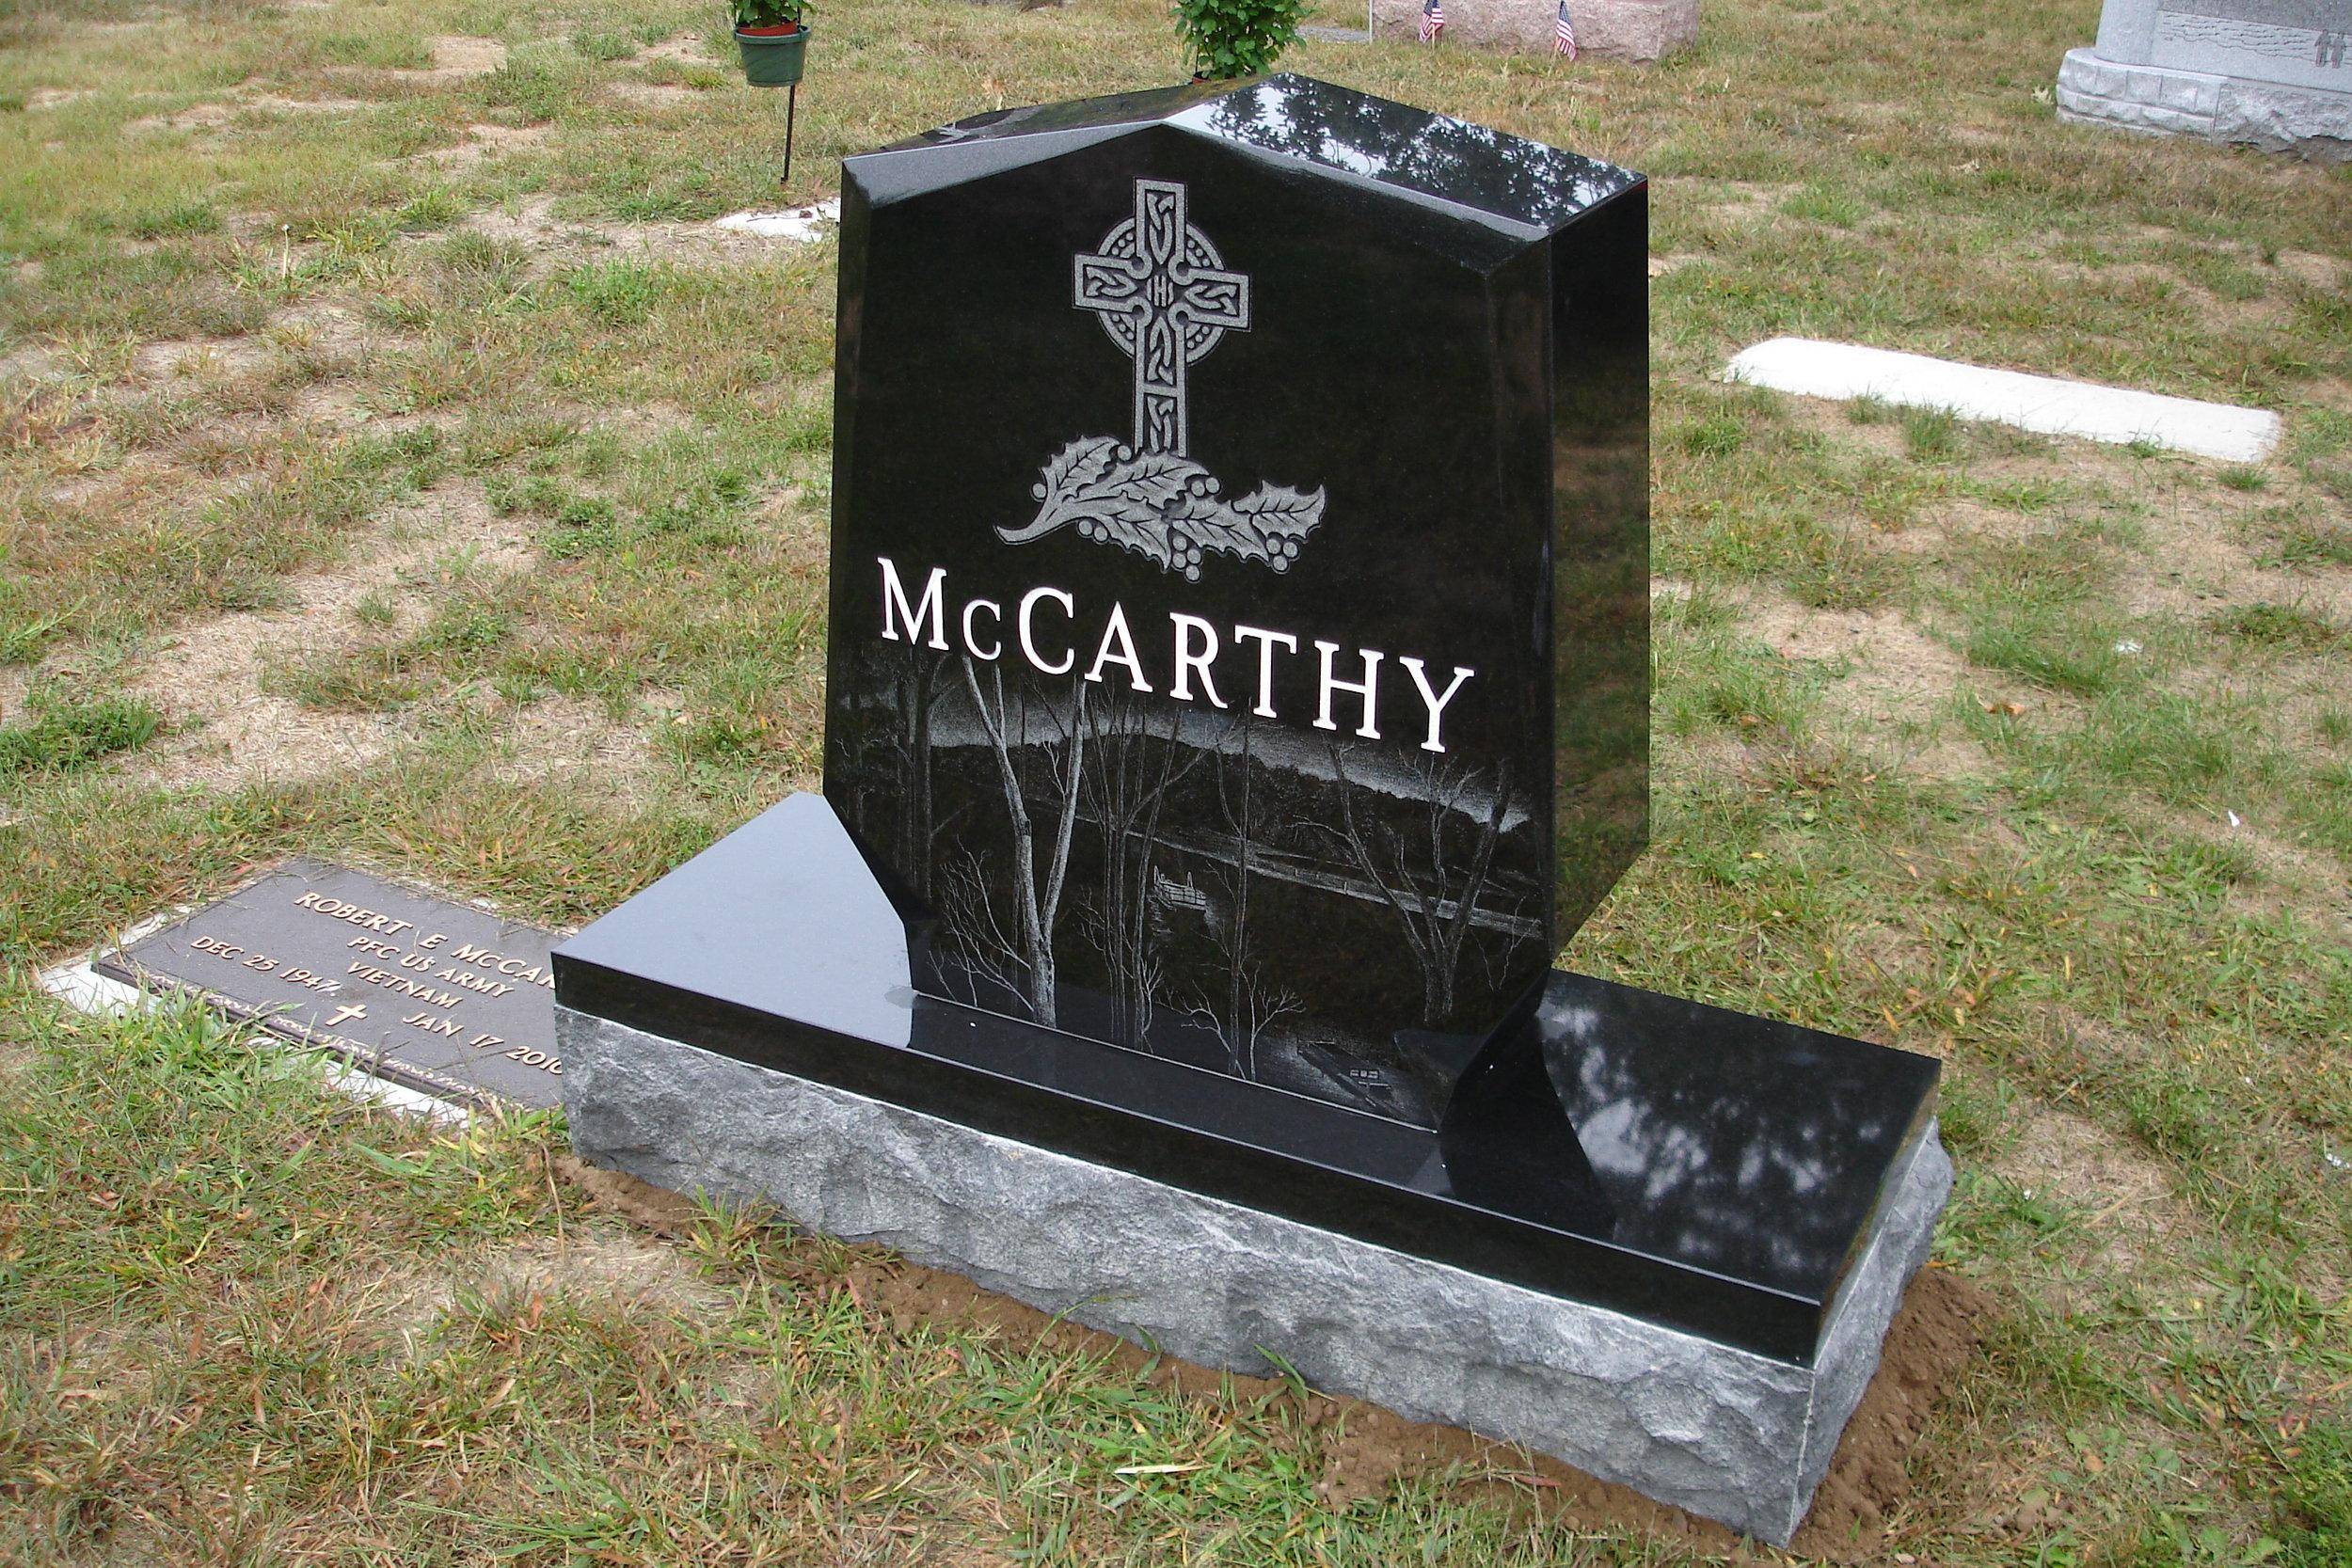 McCarthy 001 .jpg.JPG